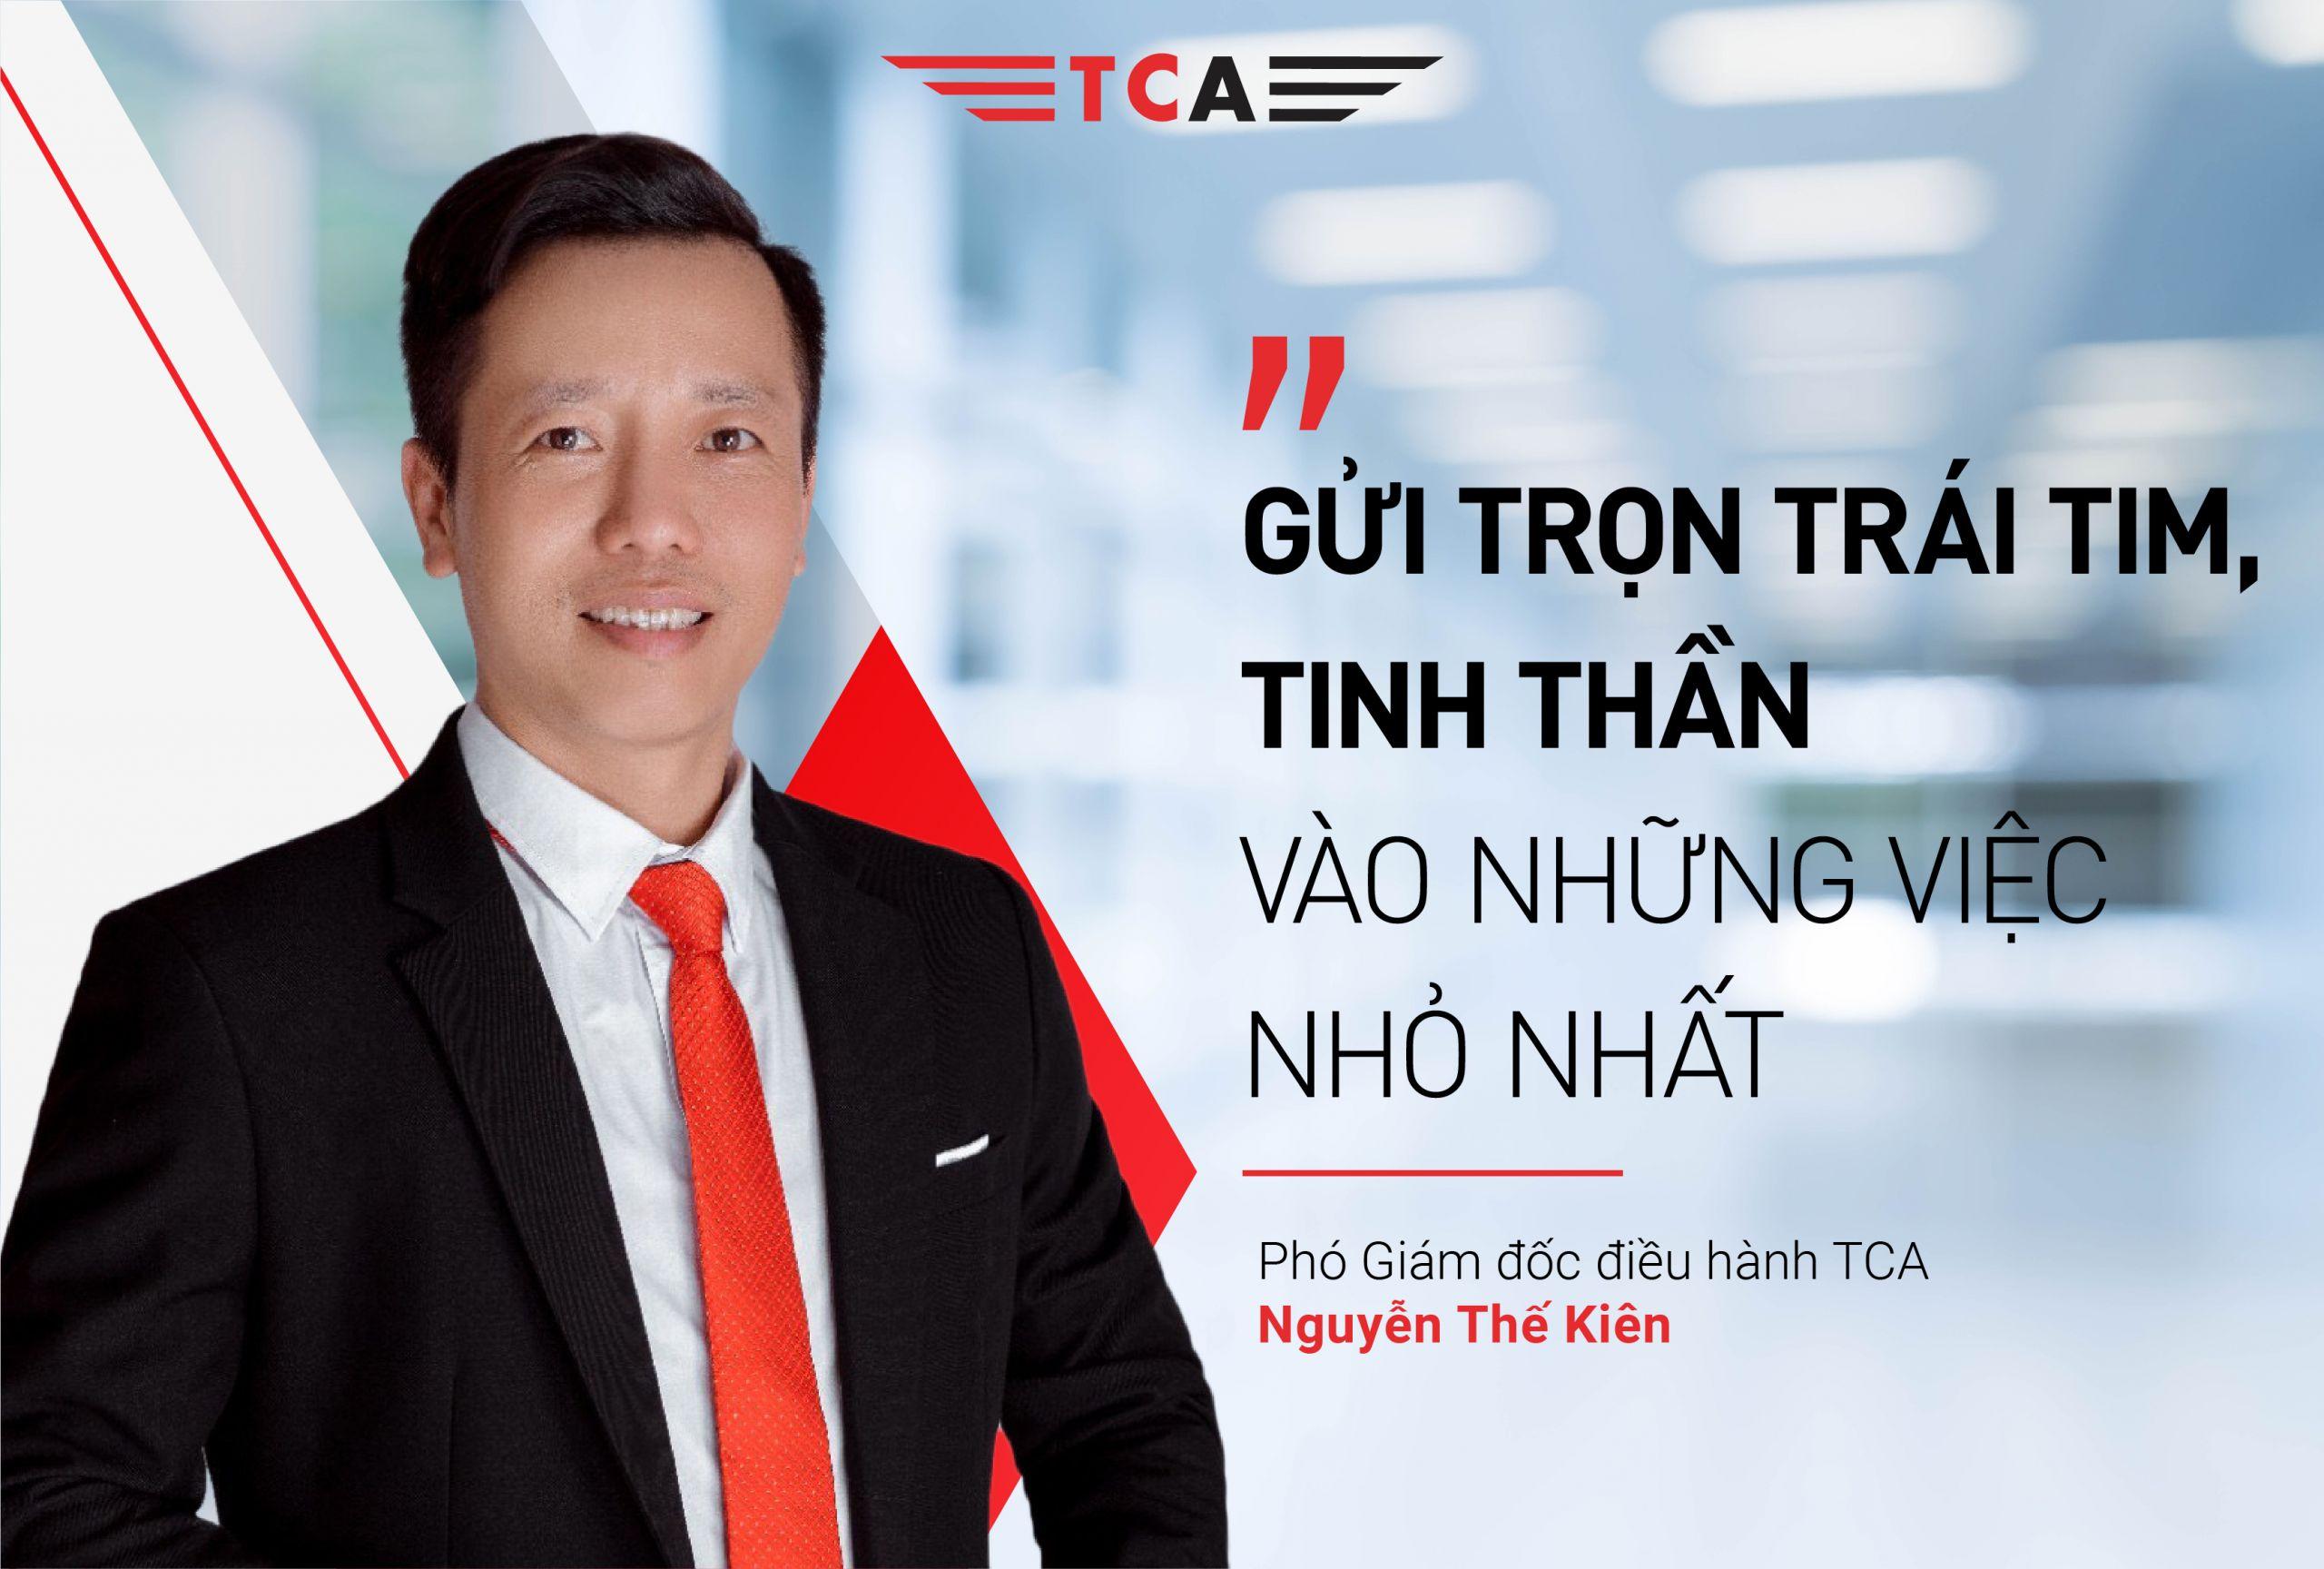 Nguyen The Kien